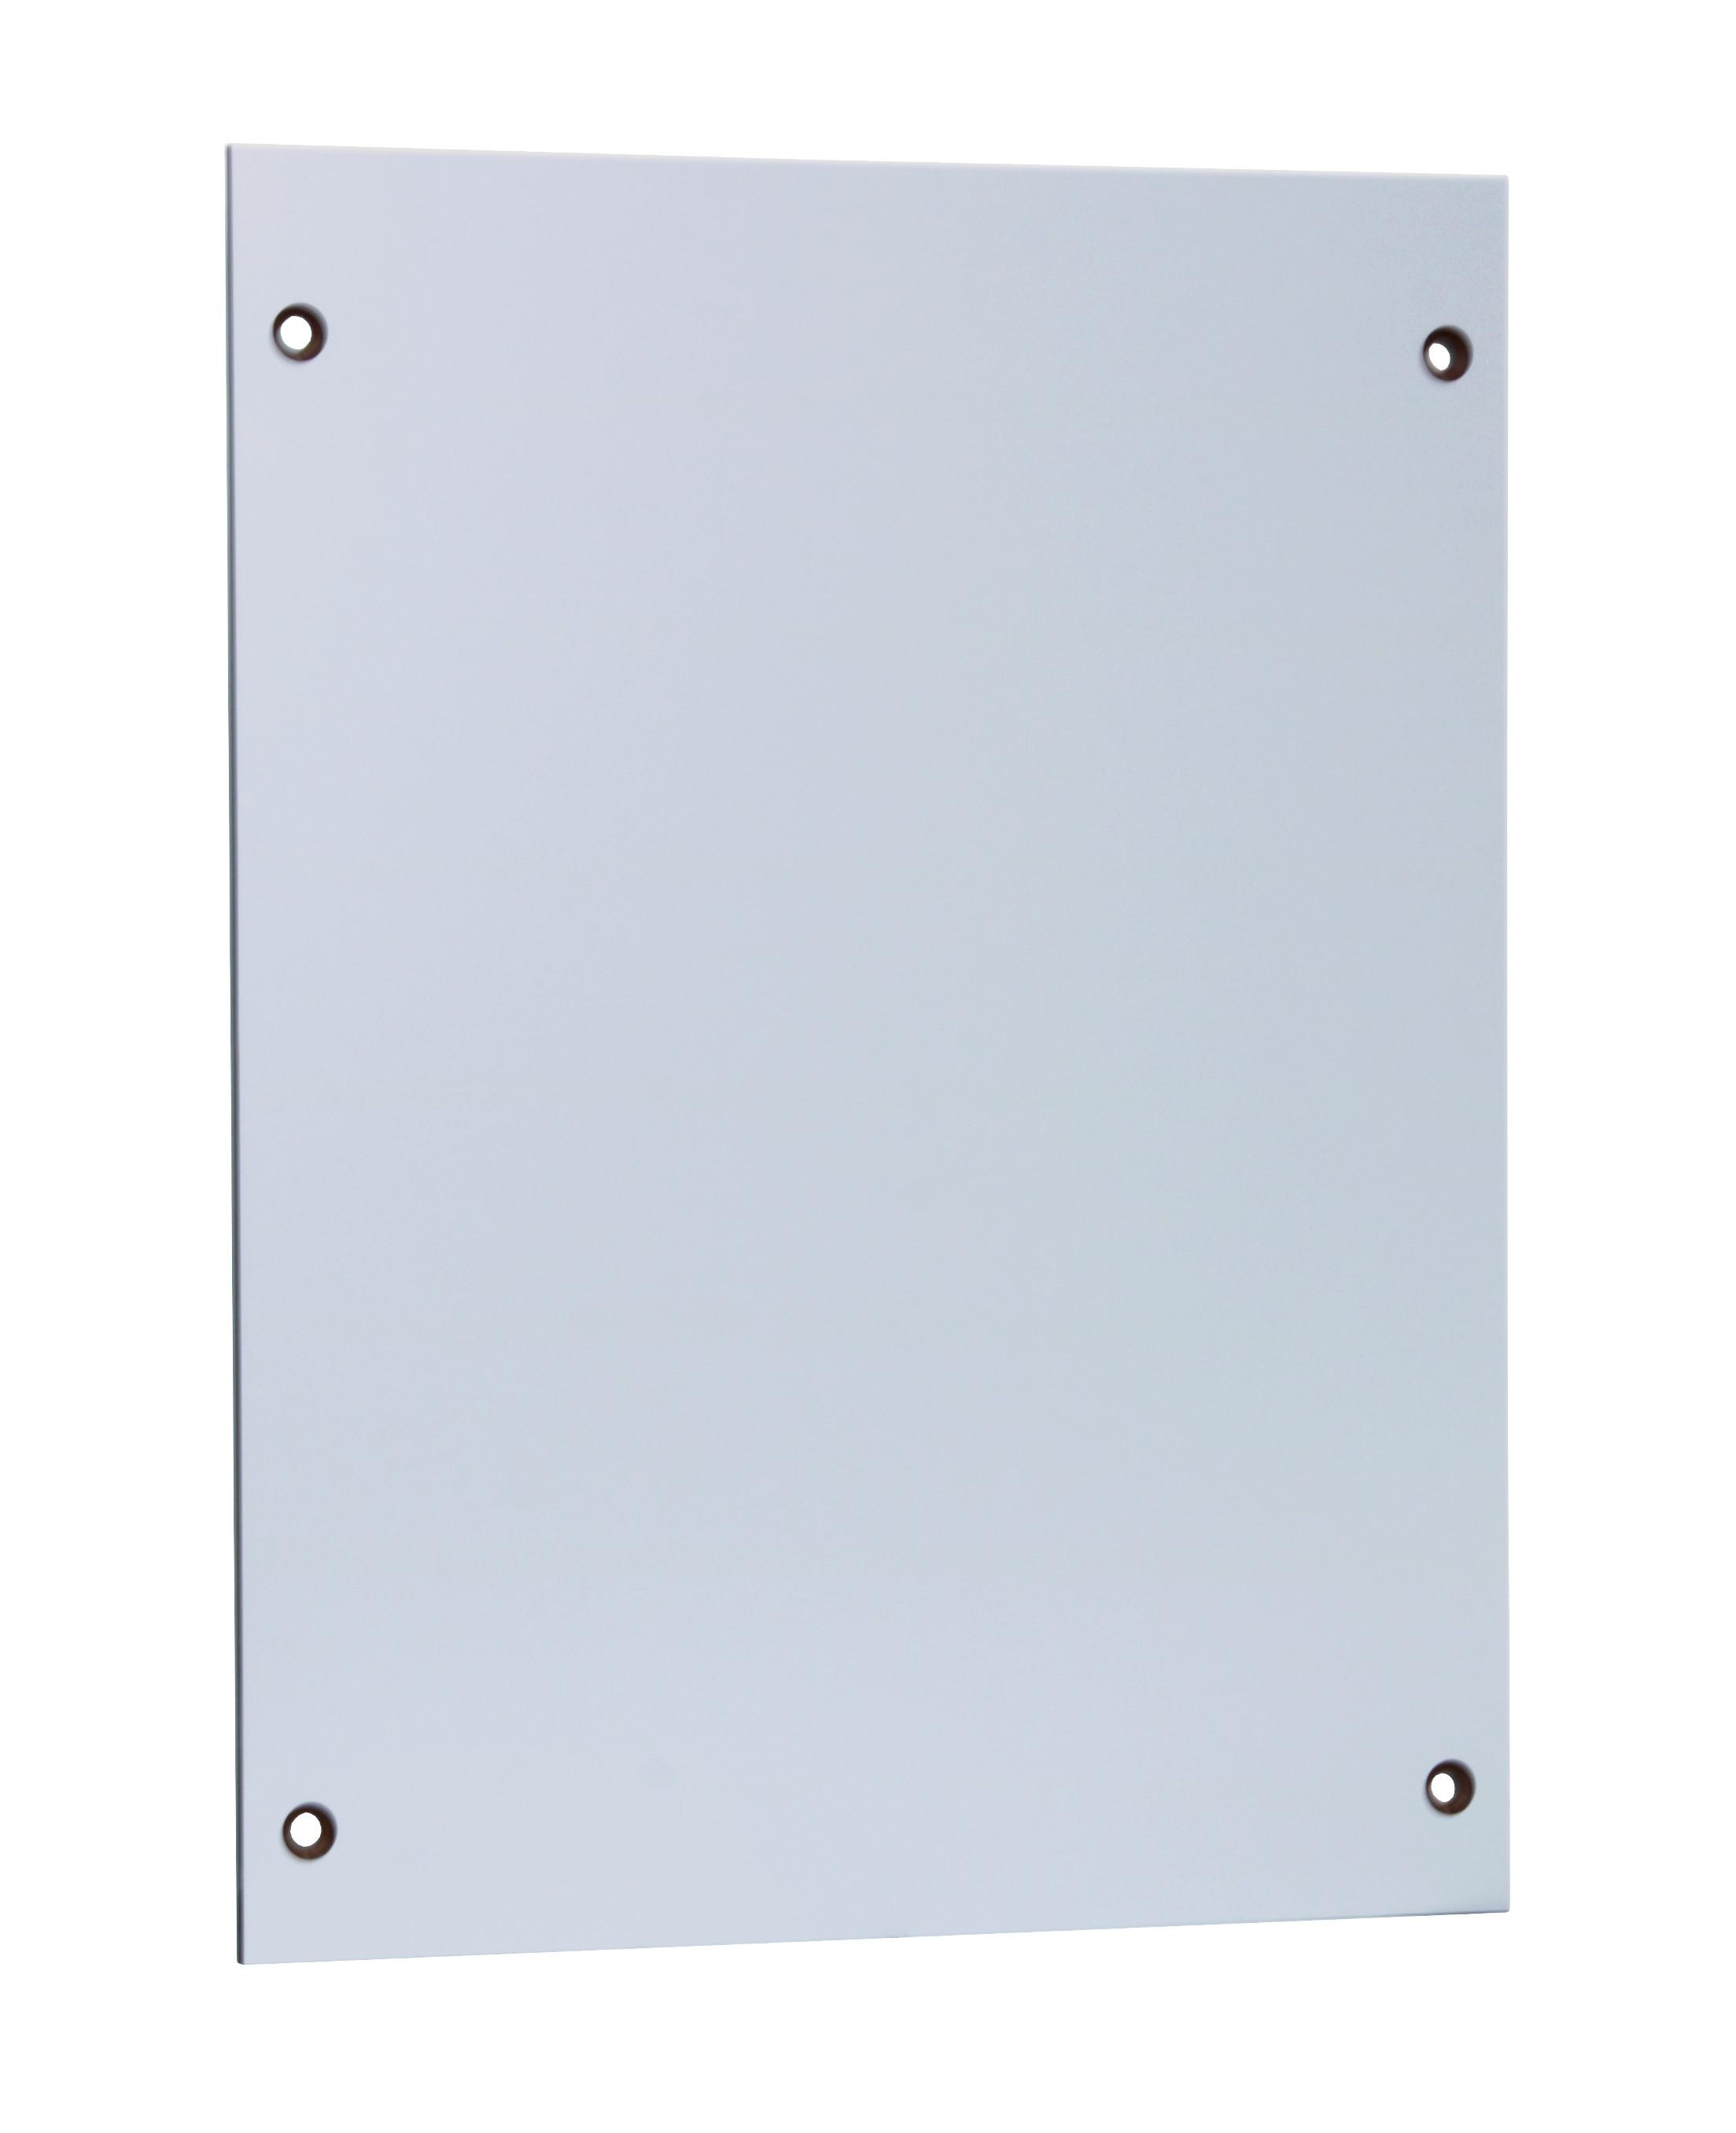 1 Stk Montageplatte für IG009202, 500x900x6mm, Hartpapier IG009222--